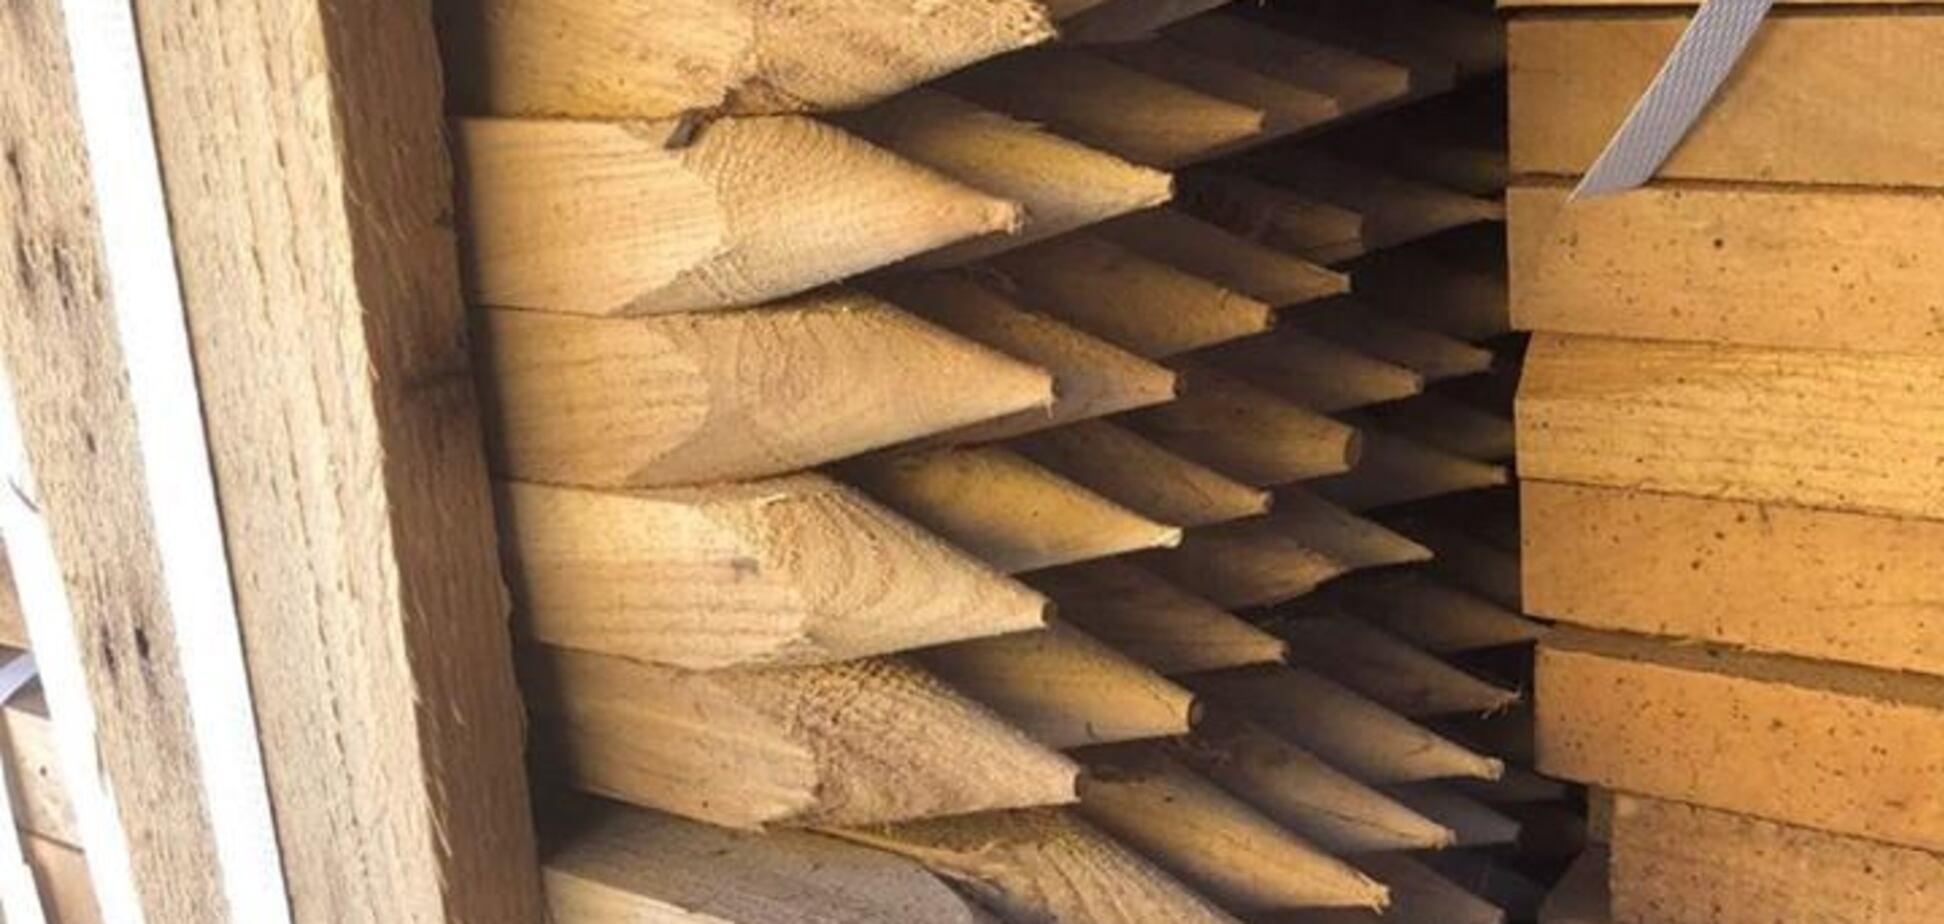 Контрабанда леса: украинские таможенники задержали партию редкой древесины